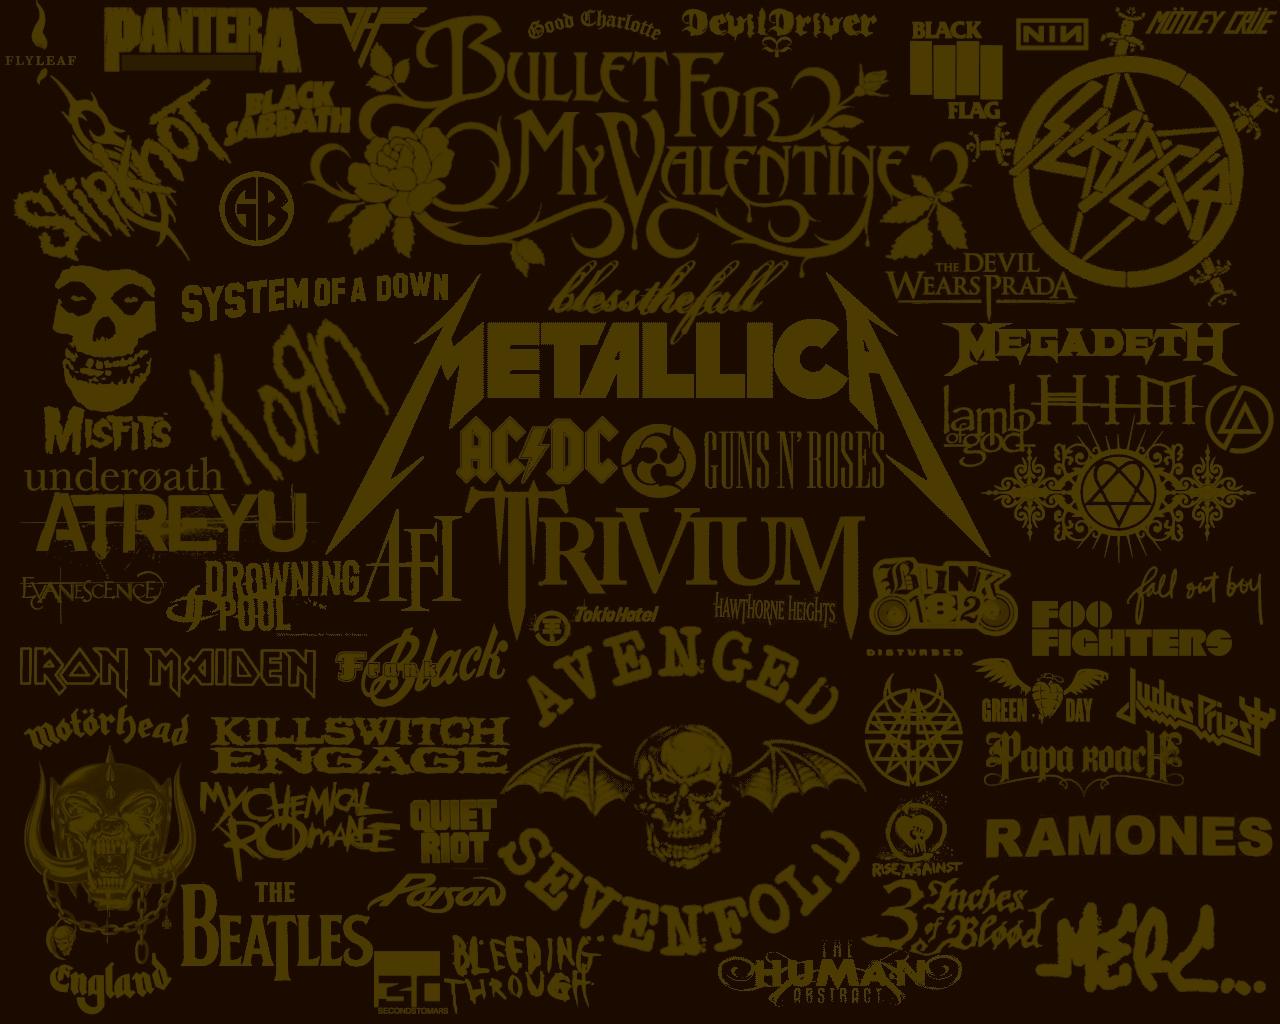 las bandas mas geniales de Rock 1280x1024